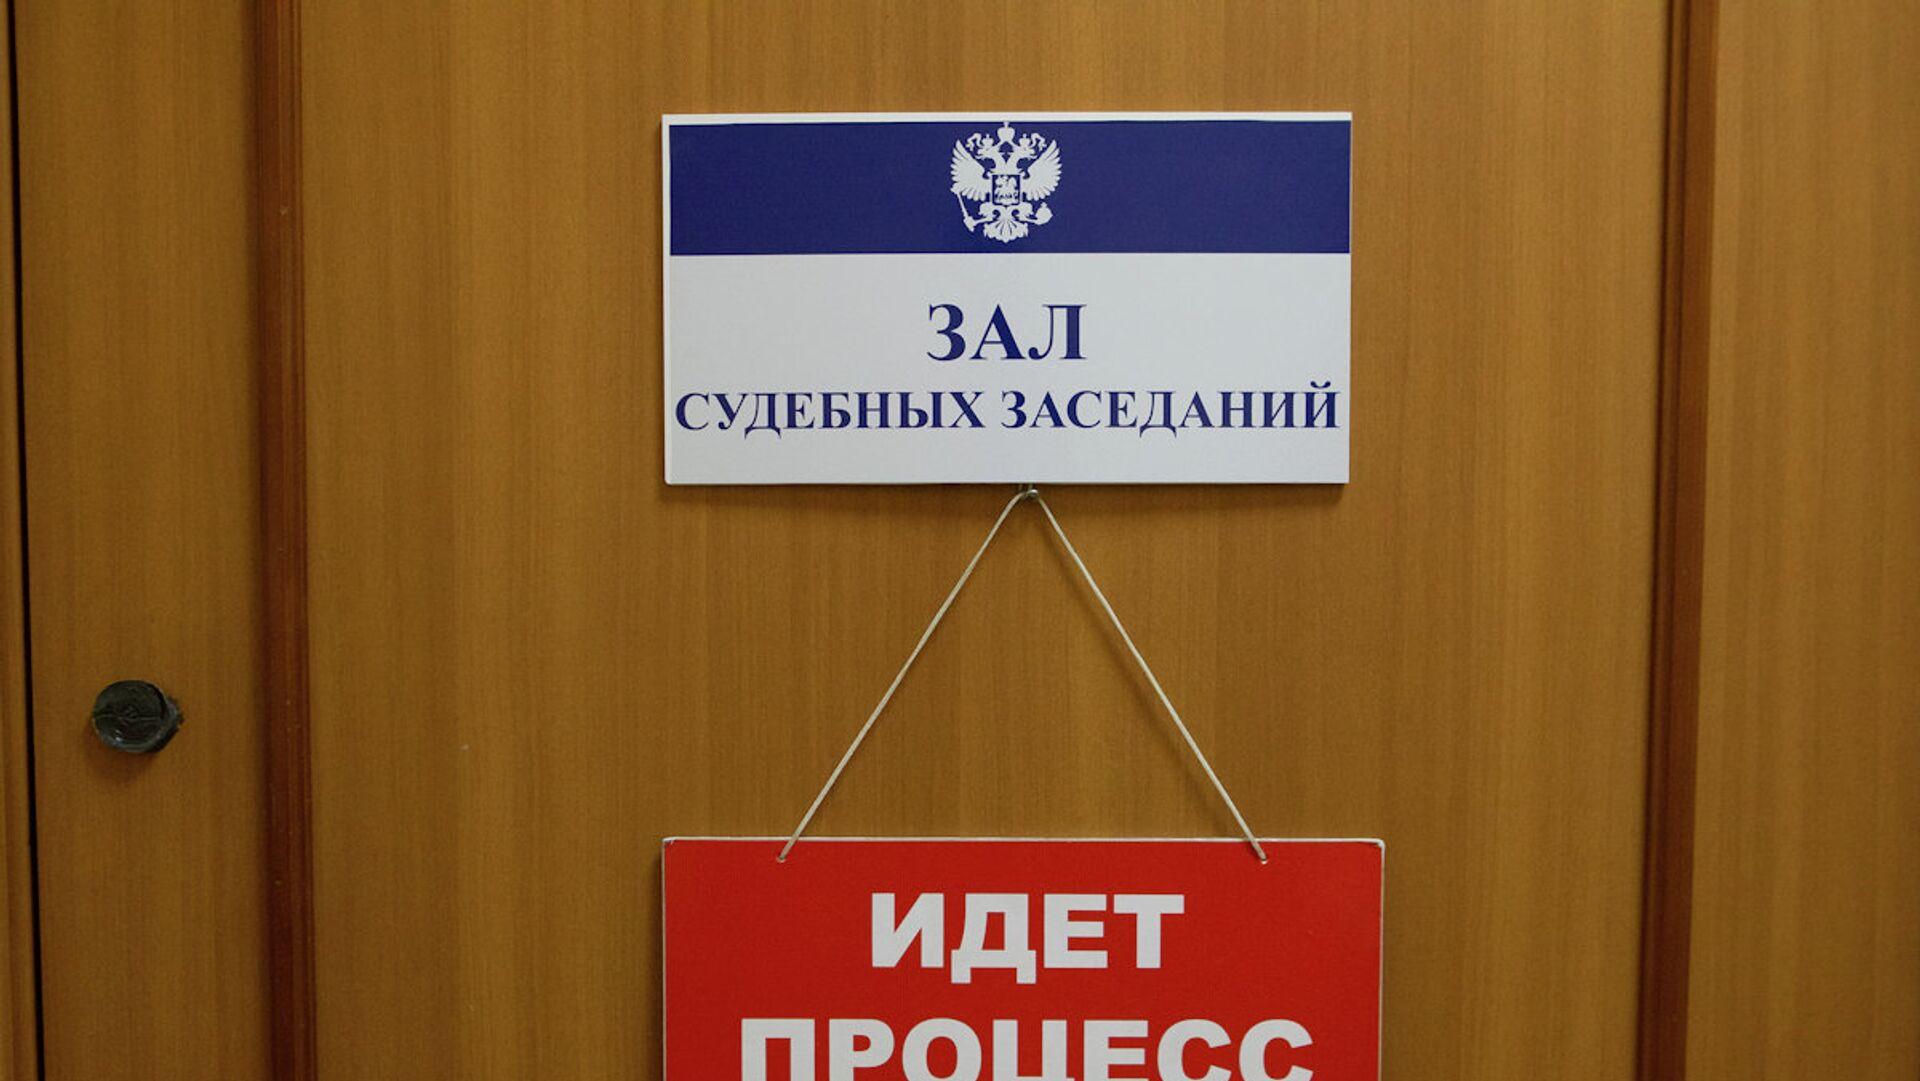 Житель Тольятти потребовал от комика Соболева компенсацию за шутку